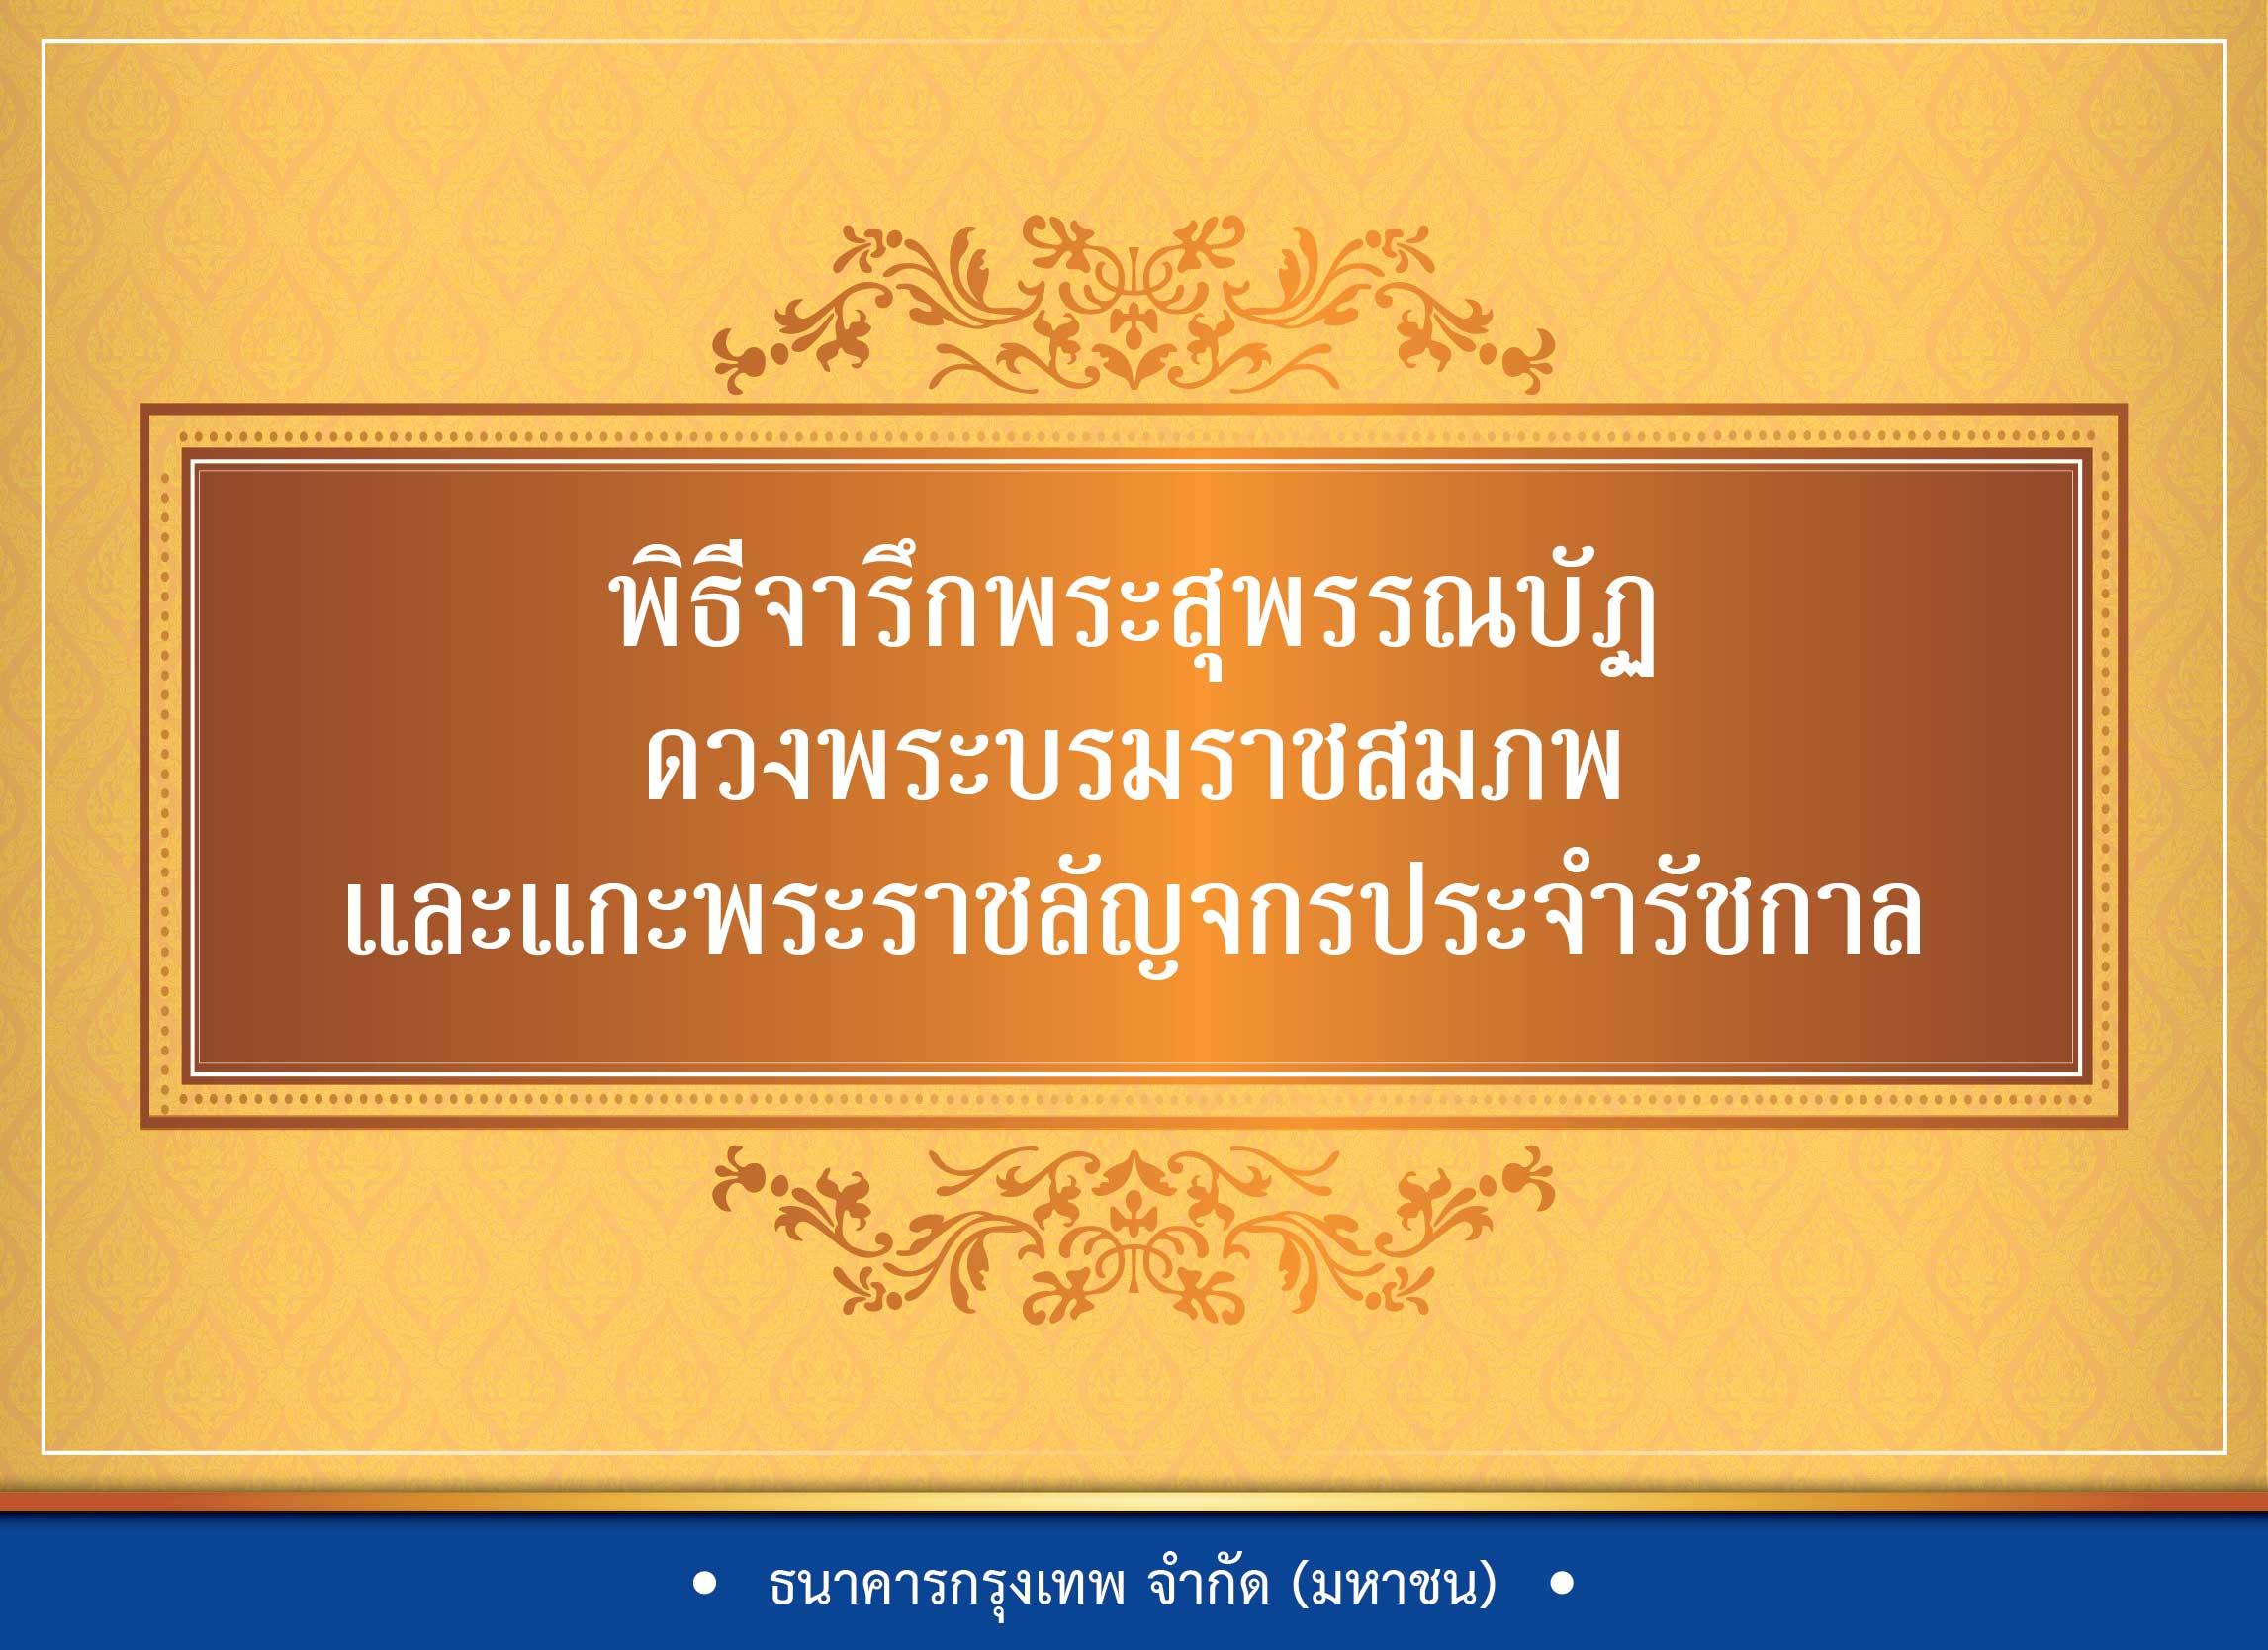 """องค์ความรู้พระราชพิธีบรมราชาภิเษก เรื่อง """"พิธีจารึกพระสุพรรณบัฏ ดวงพระบรมราชสมภพ และแกะพระราชลัญจกรประจำรัชกาล"""""""